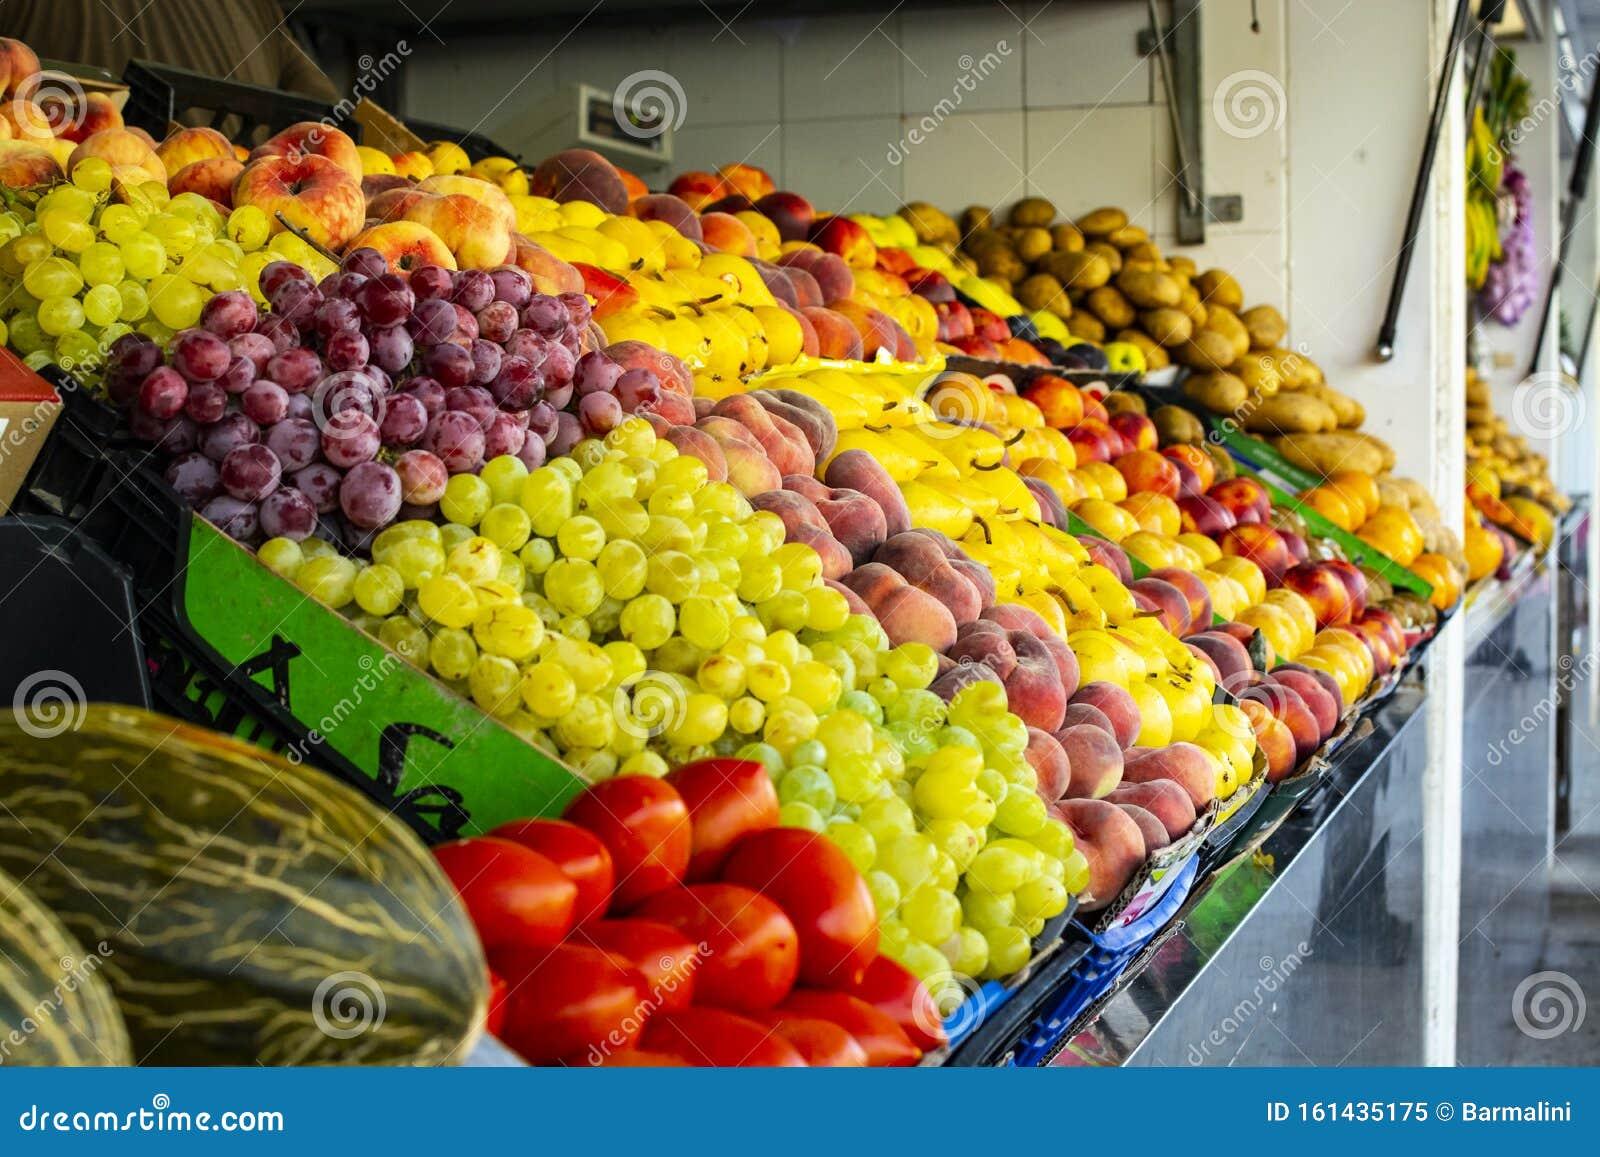 Ферма по продаже фруктов и овощей многоквартирные дома в европе